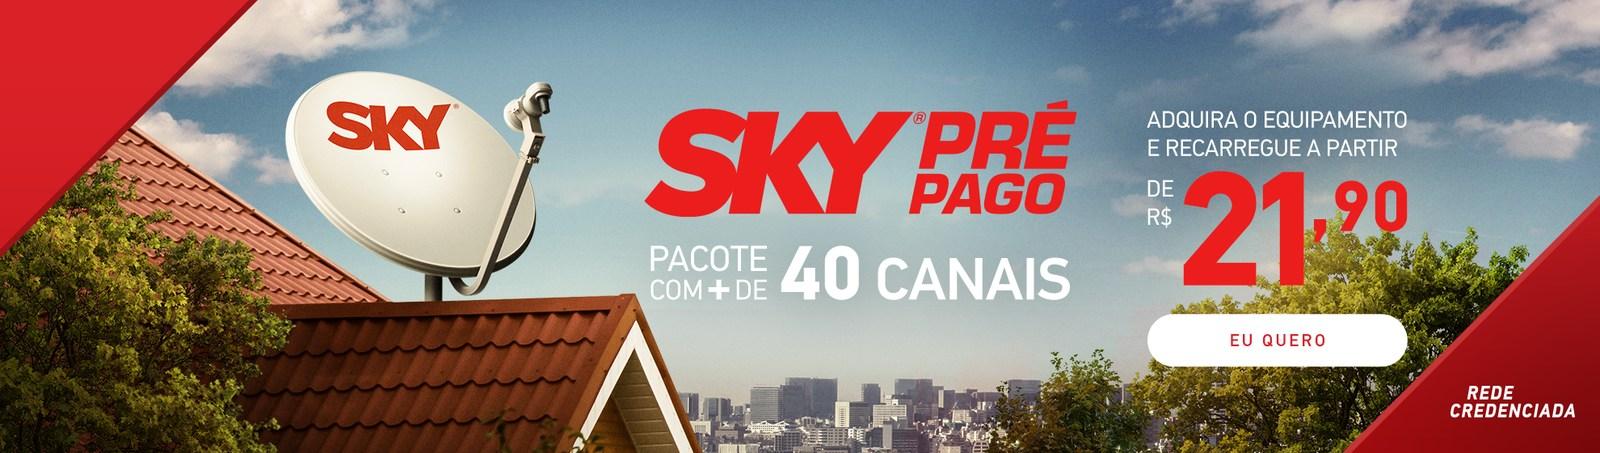 SKY-preco-antena-novo-KV-banner-prepago-21_90